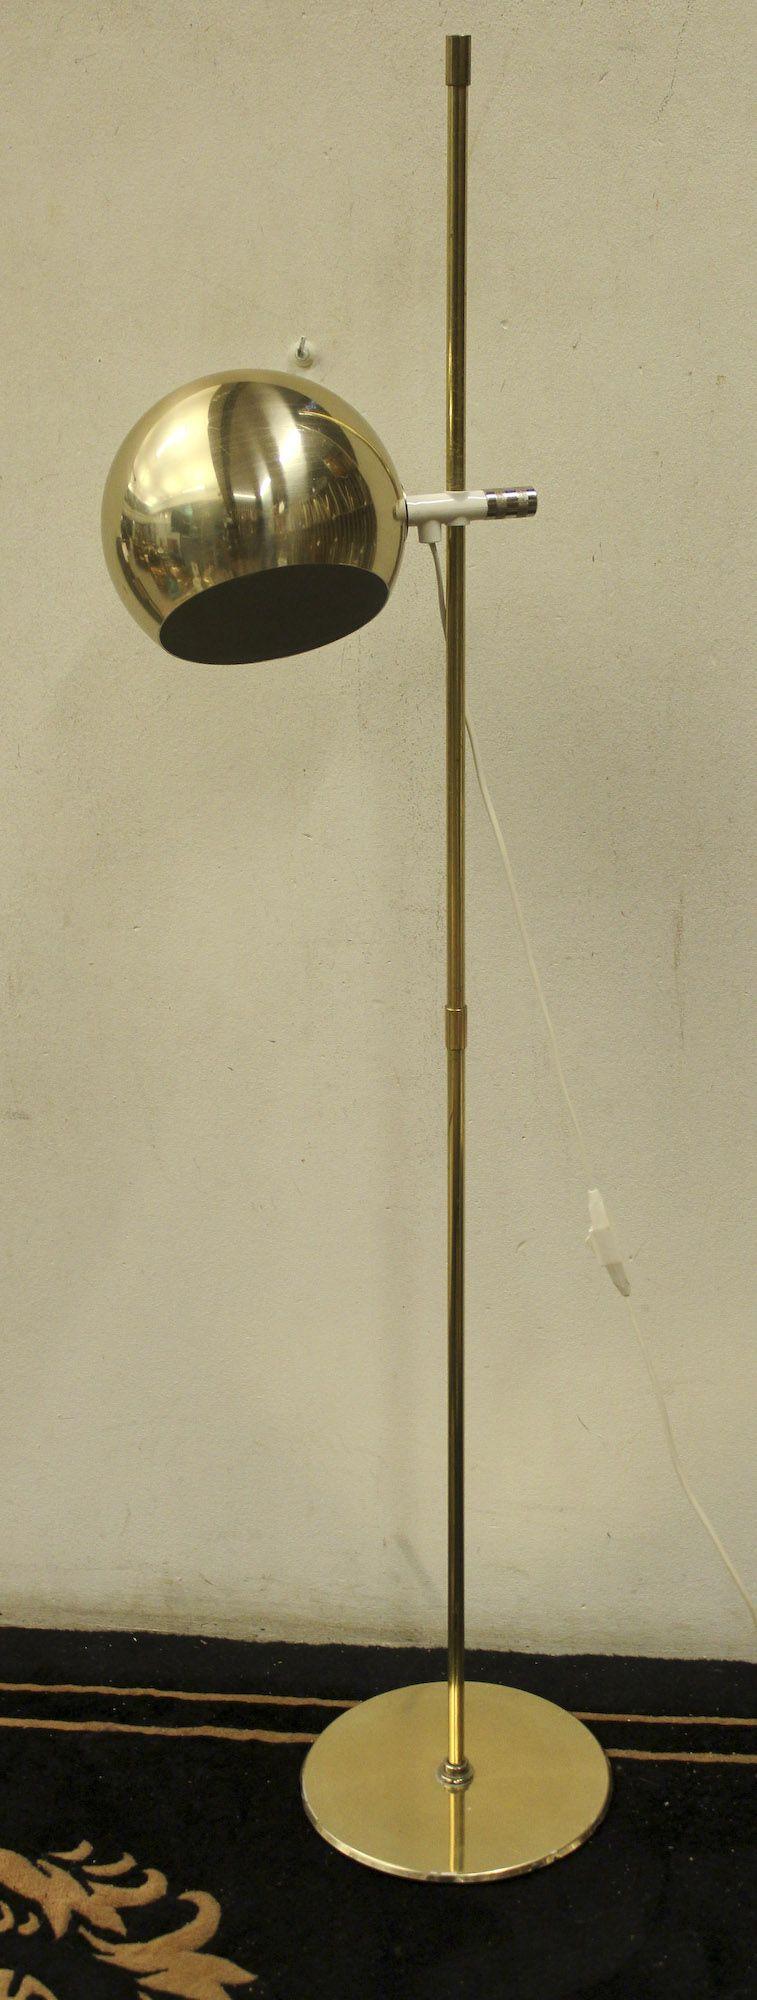 Golvlampa, Mässing, klot 796 5461 Metropol Auktioner